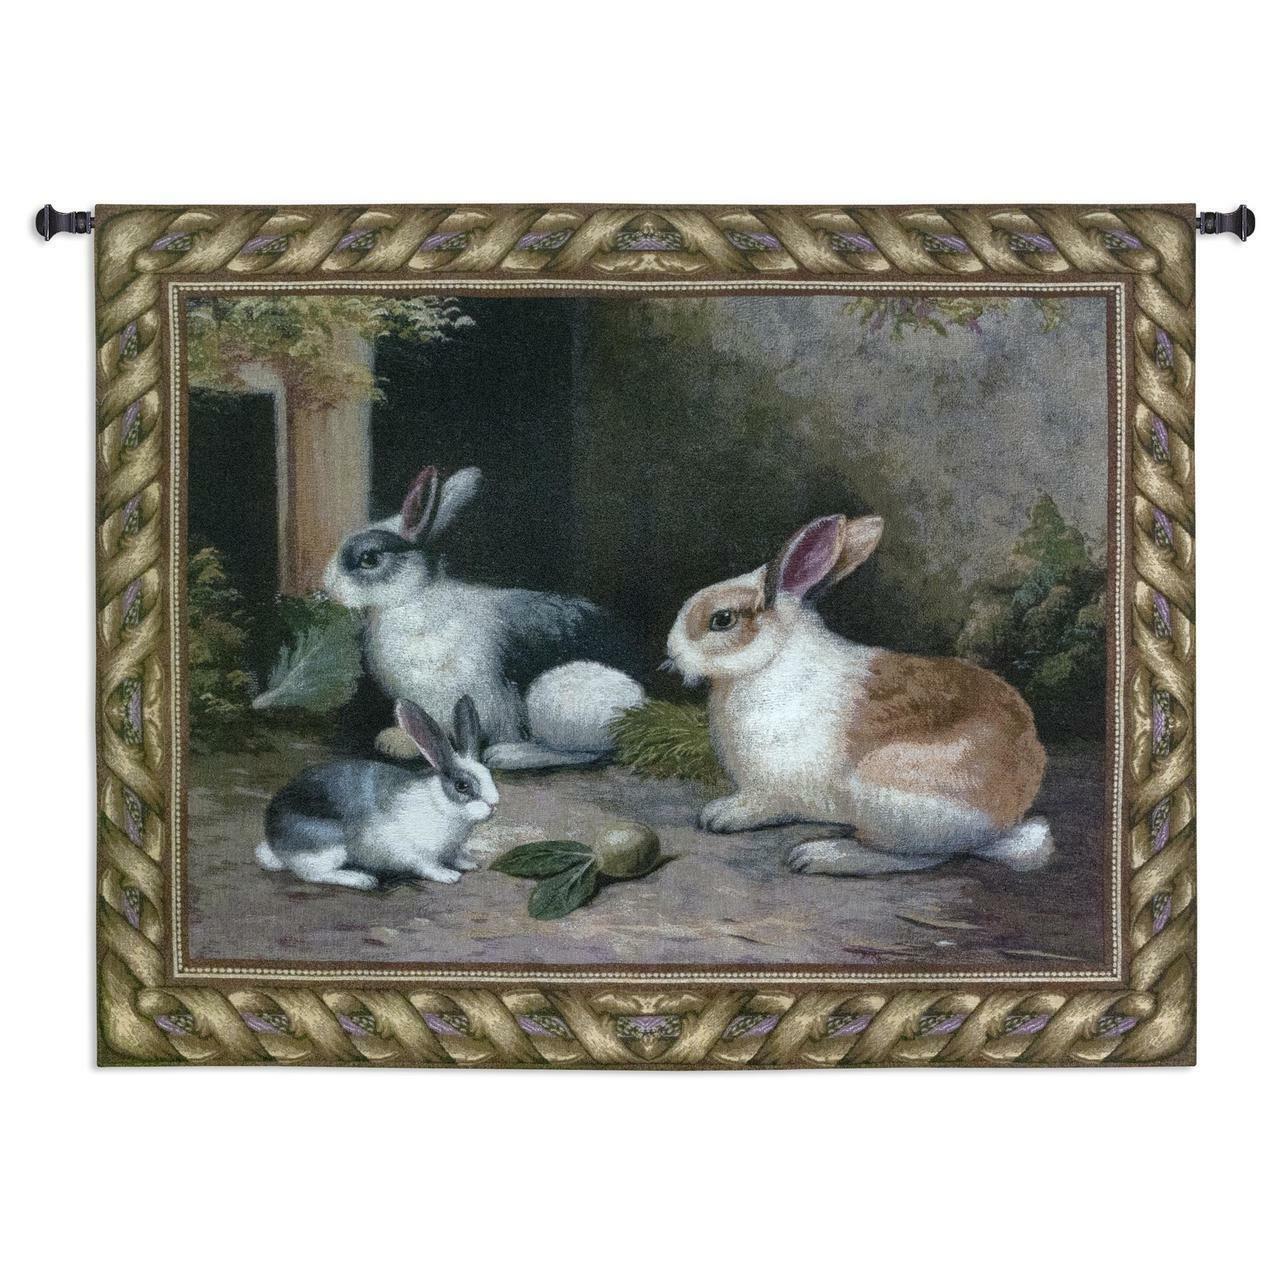 53x40 LAPIN Rabbits Tapestry Wall Hanging